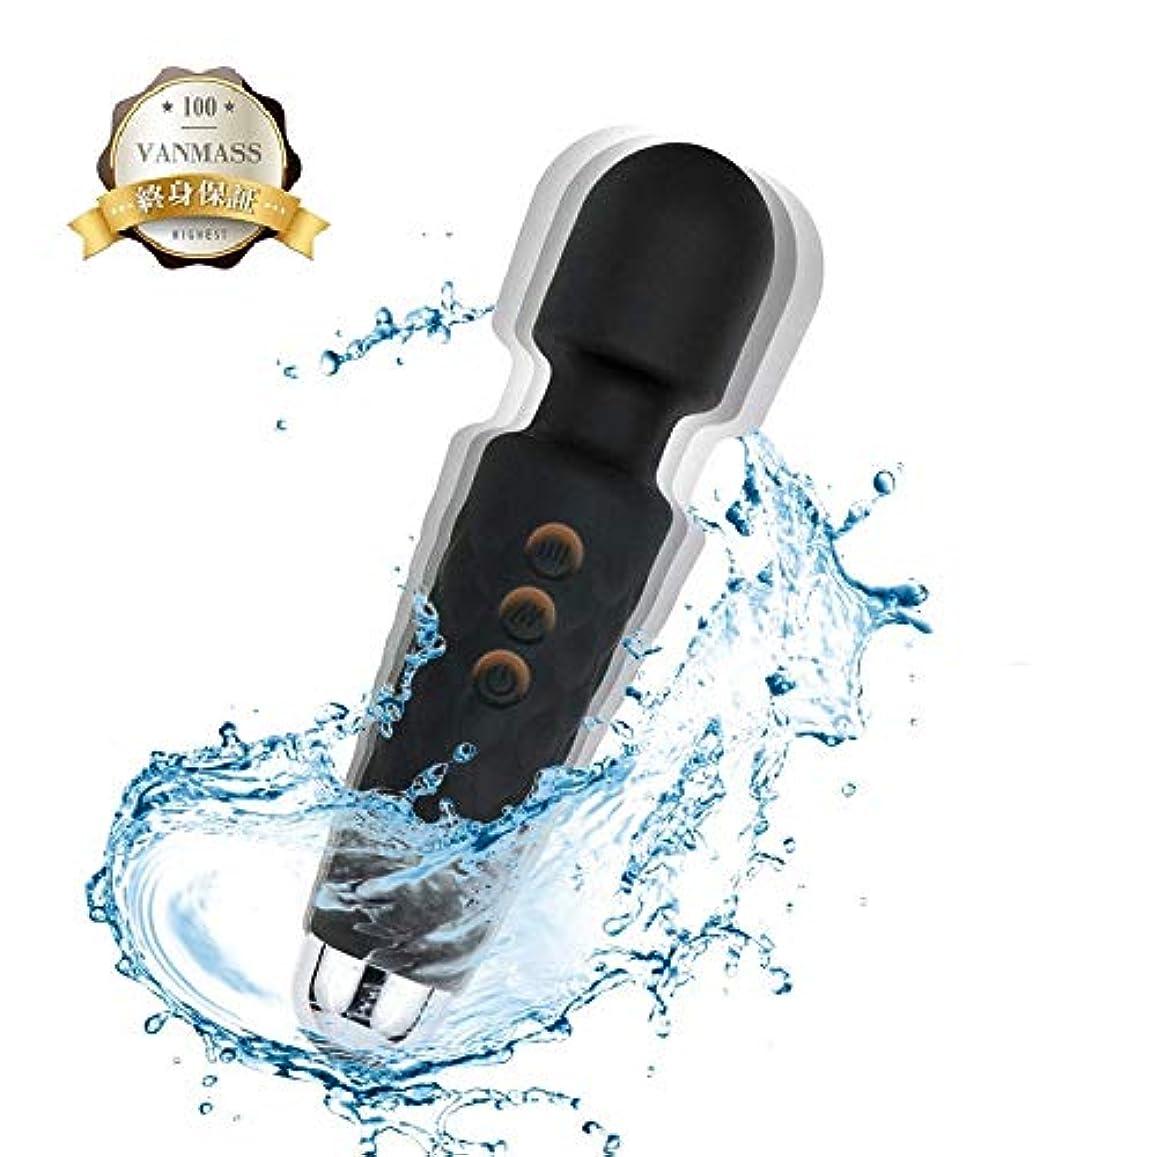 後方親著者ハンディマッサージャー supersakura 小型 電動マッサージ器 28種振動モード コードレス USB充電式 静音 防水【商標 第2018-144379号】